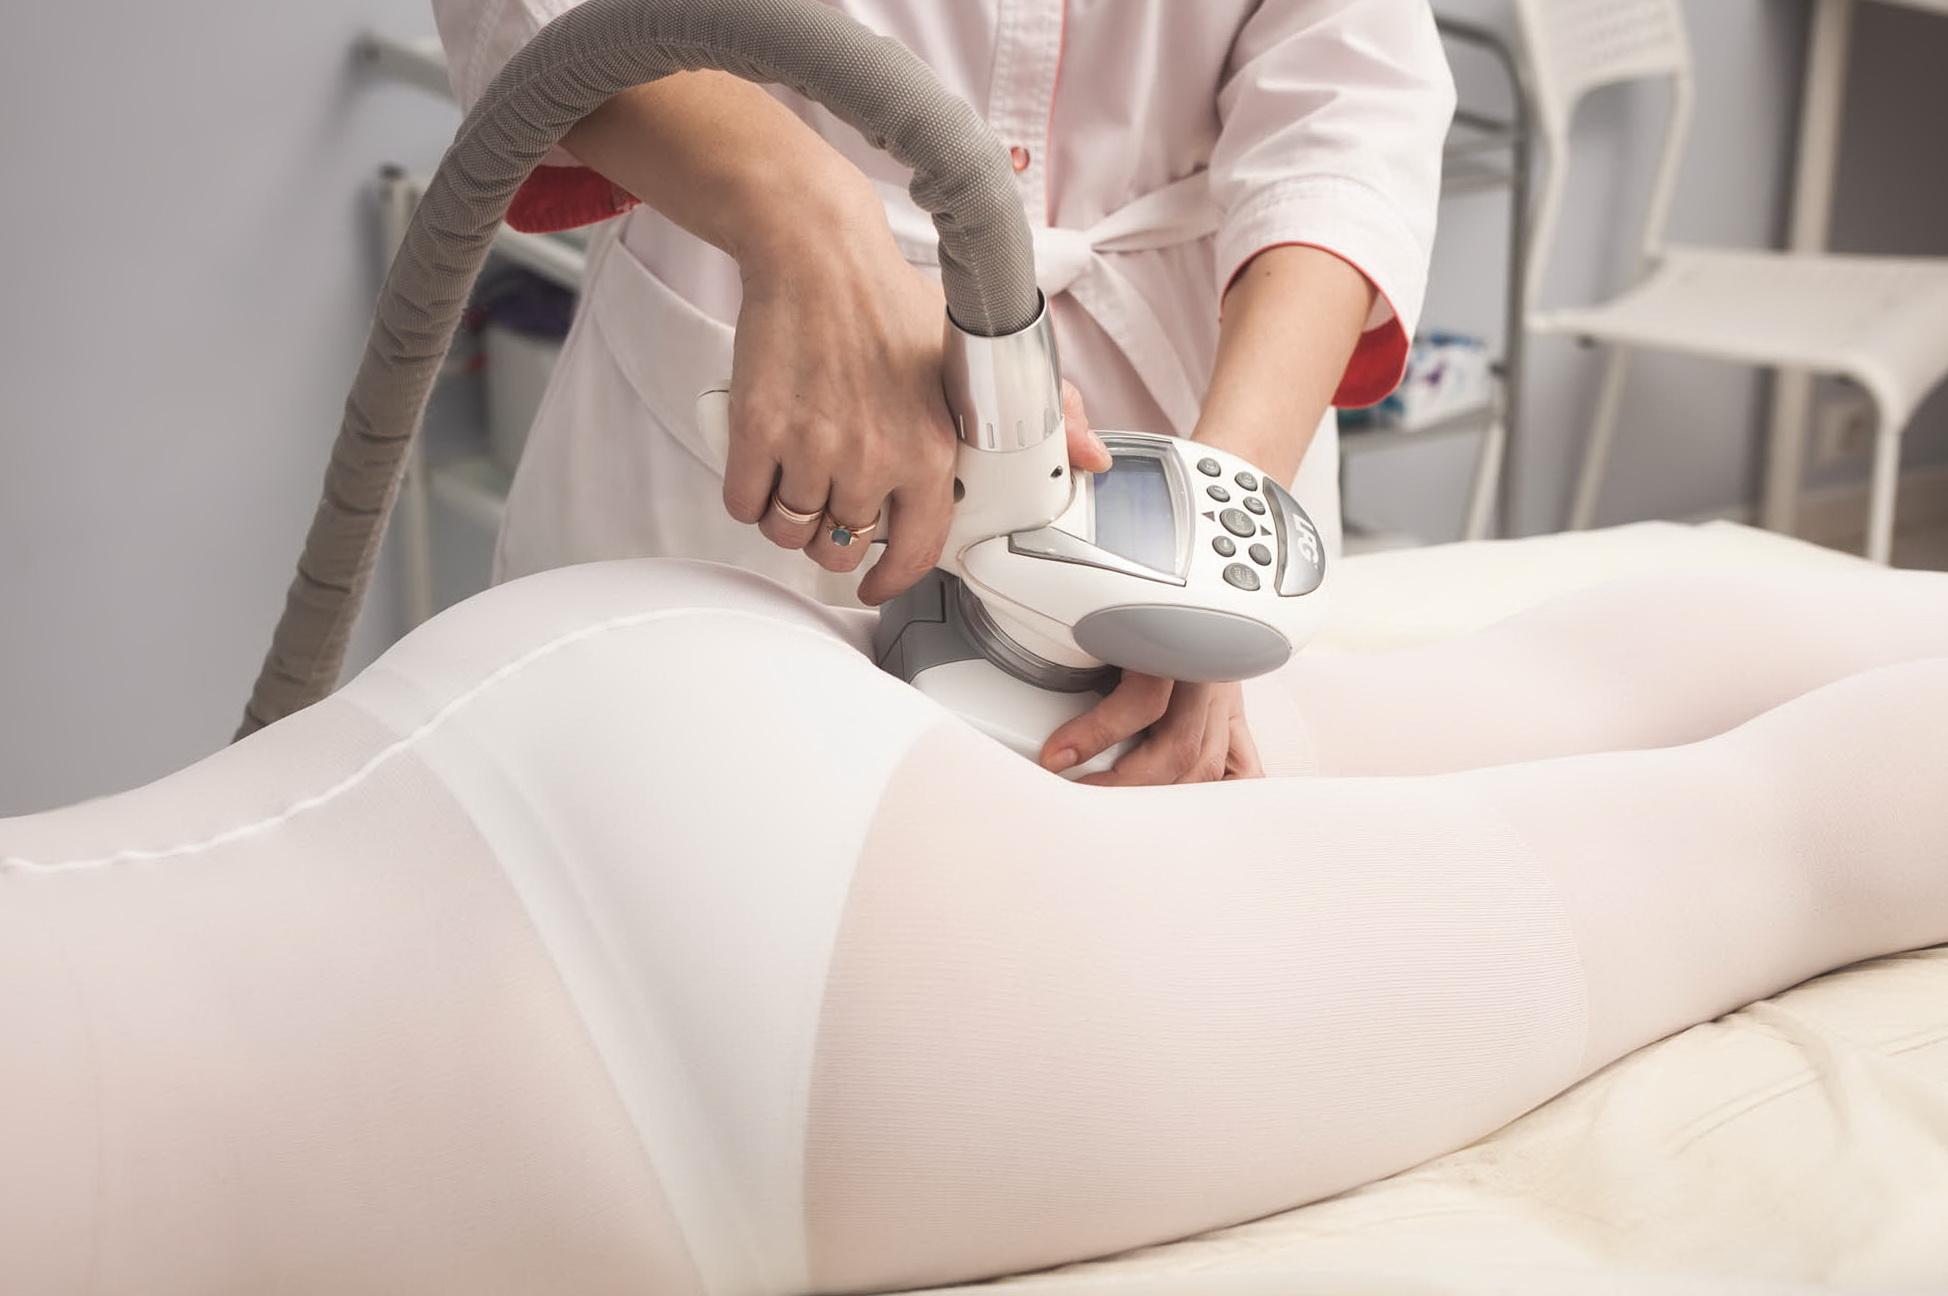 Вакуумная коррекция – lpg-массаж: как и сколько делать, показания и противопоказания